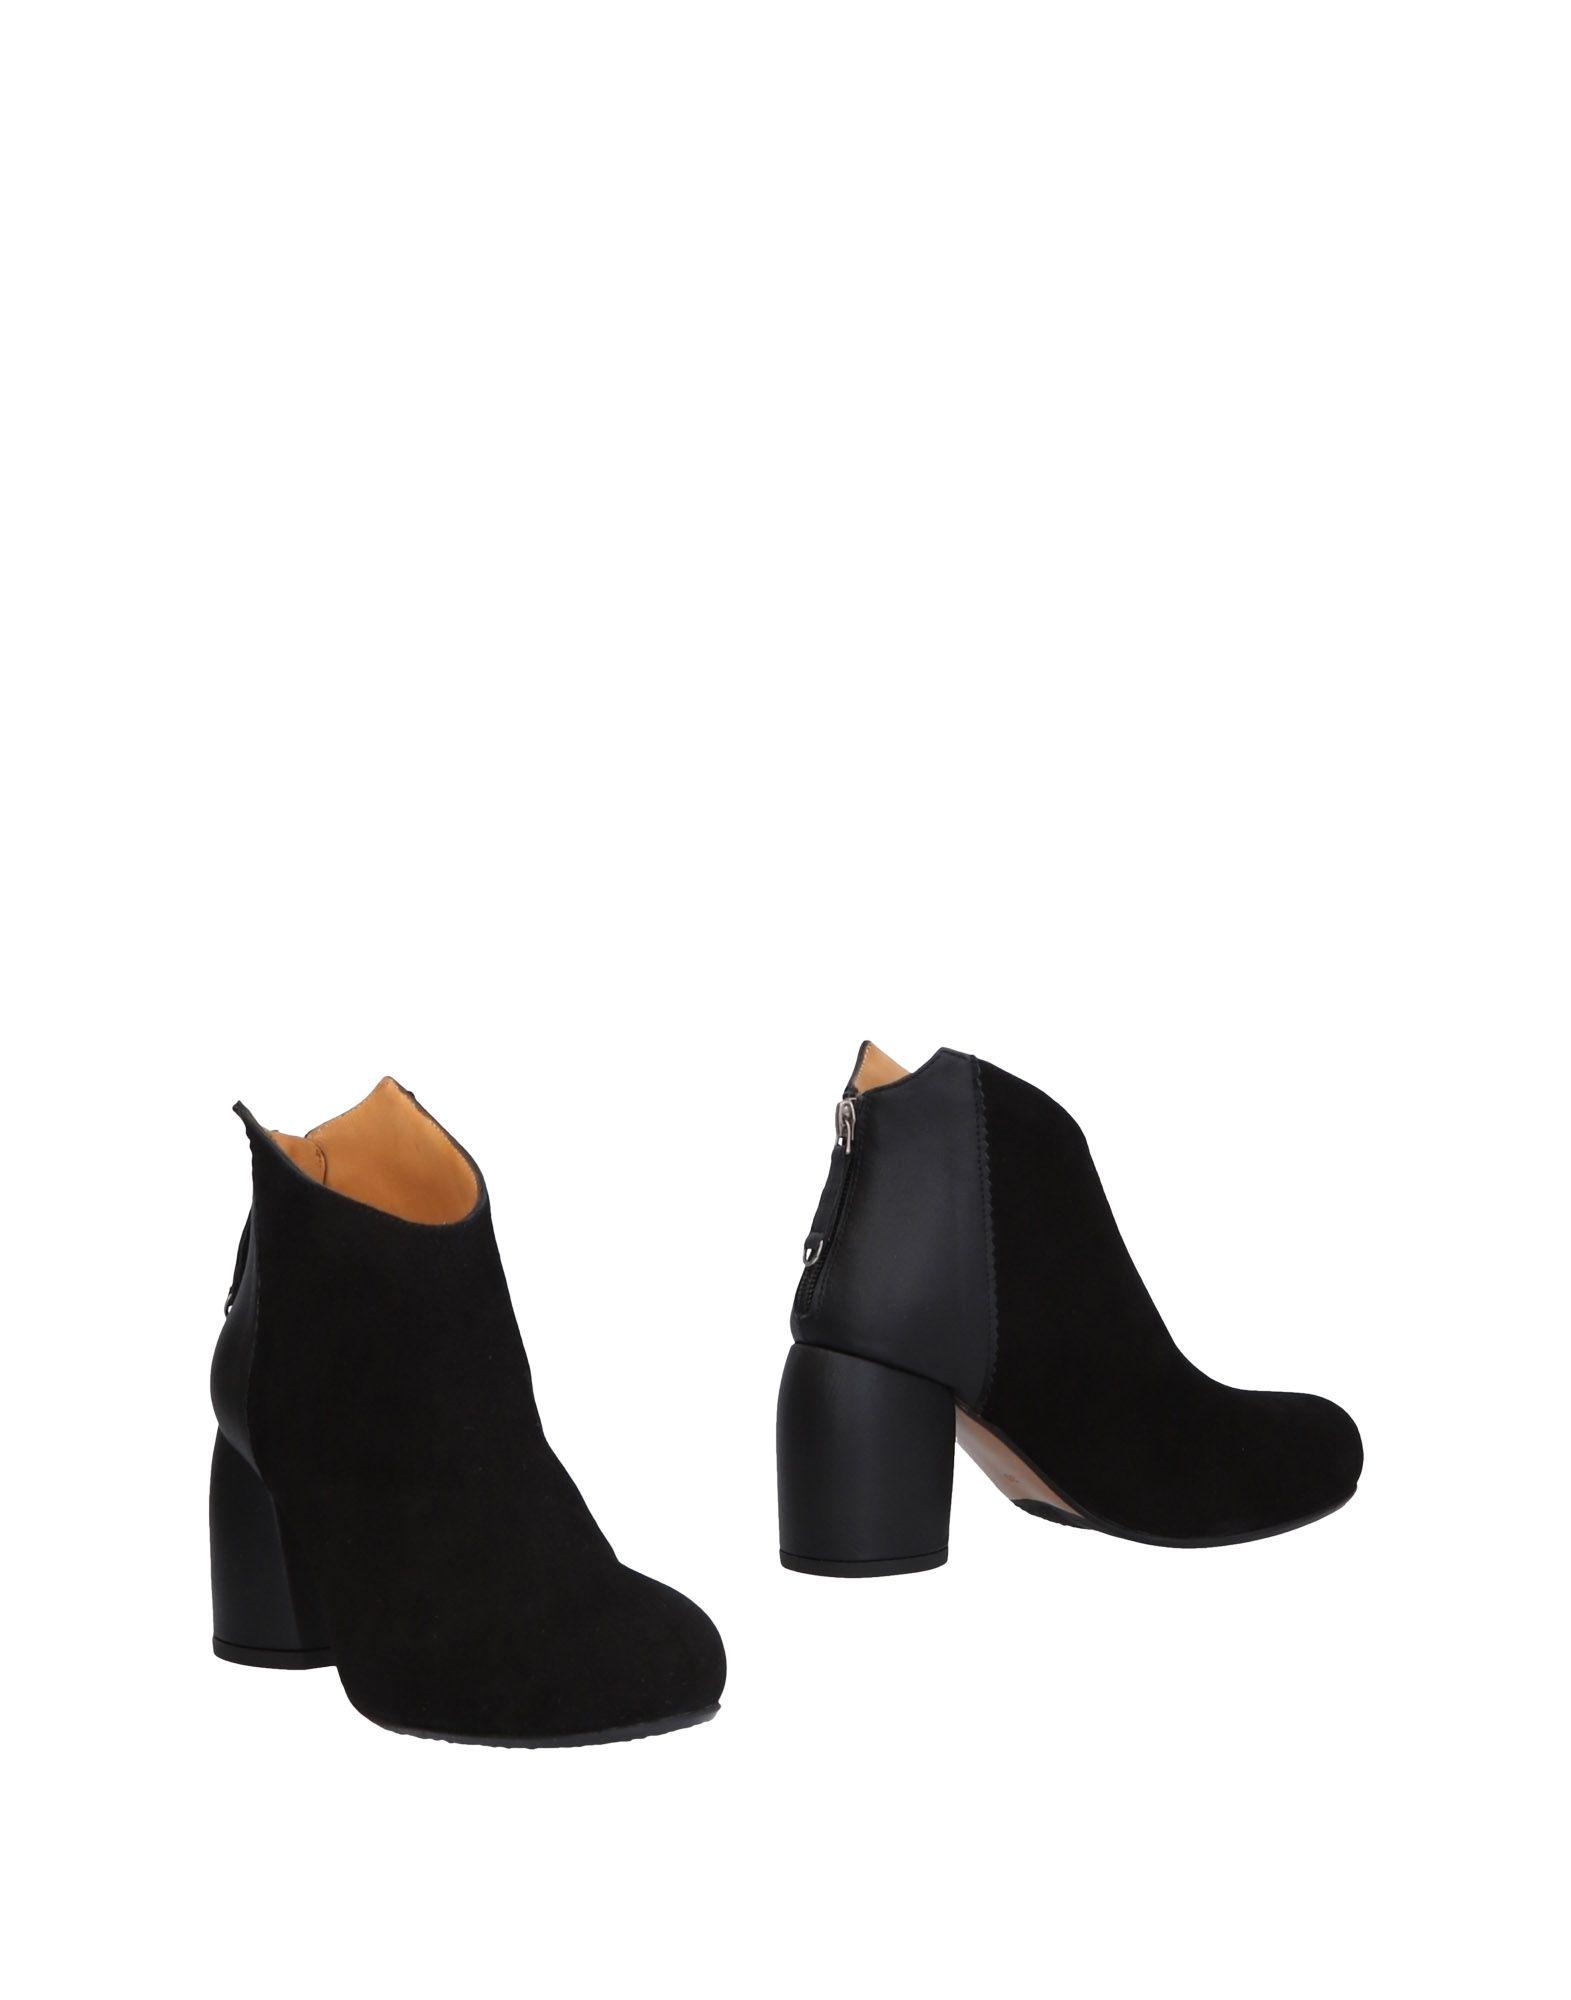 AUDLEY Полусапоги и высокие ботинки цены онлайн